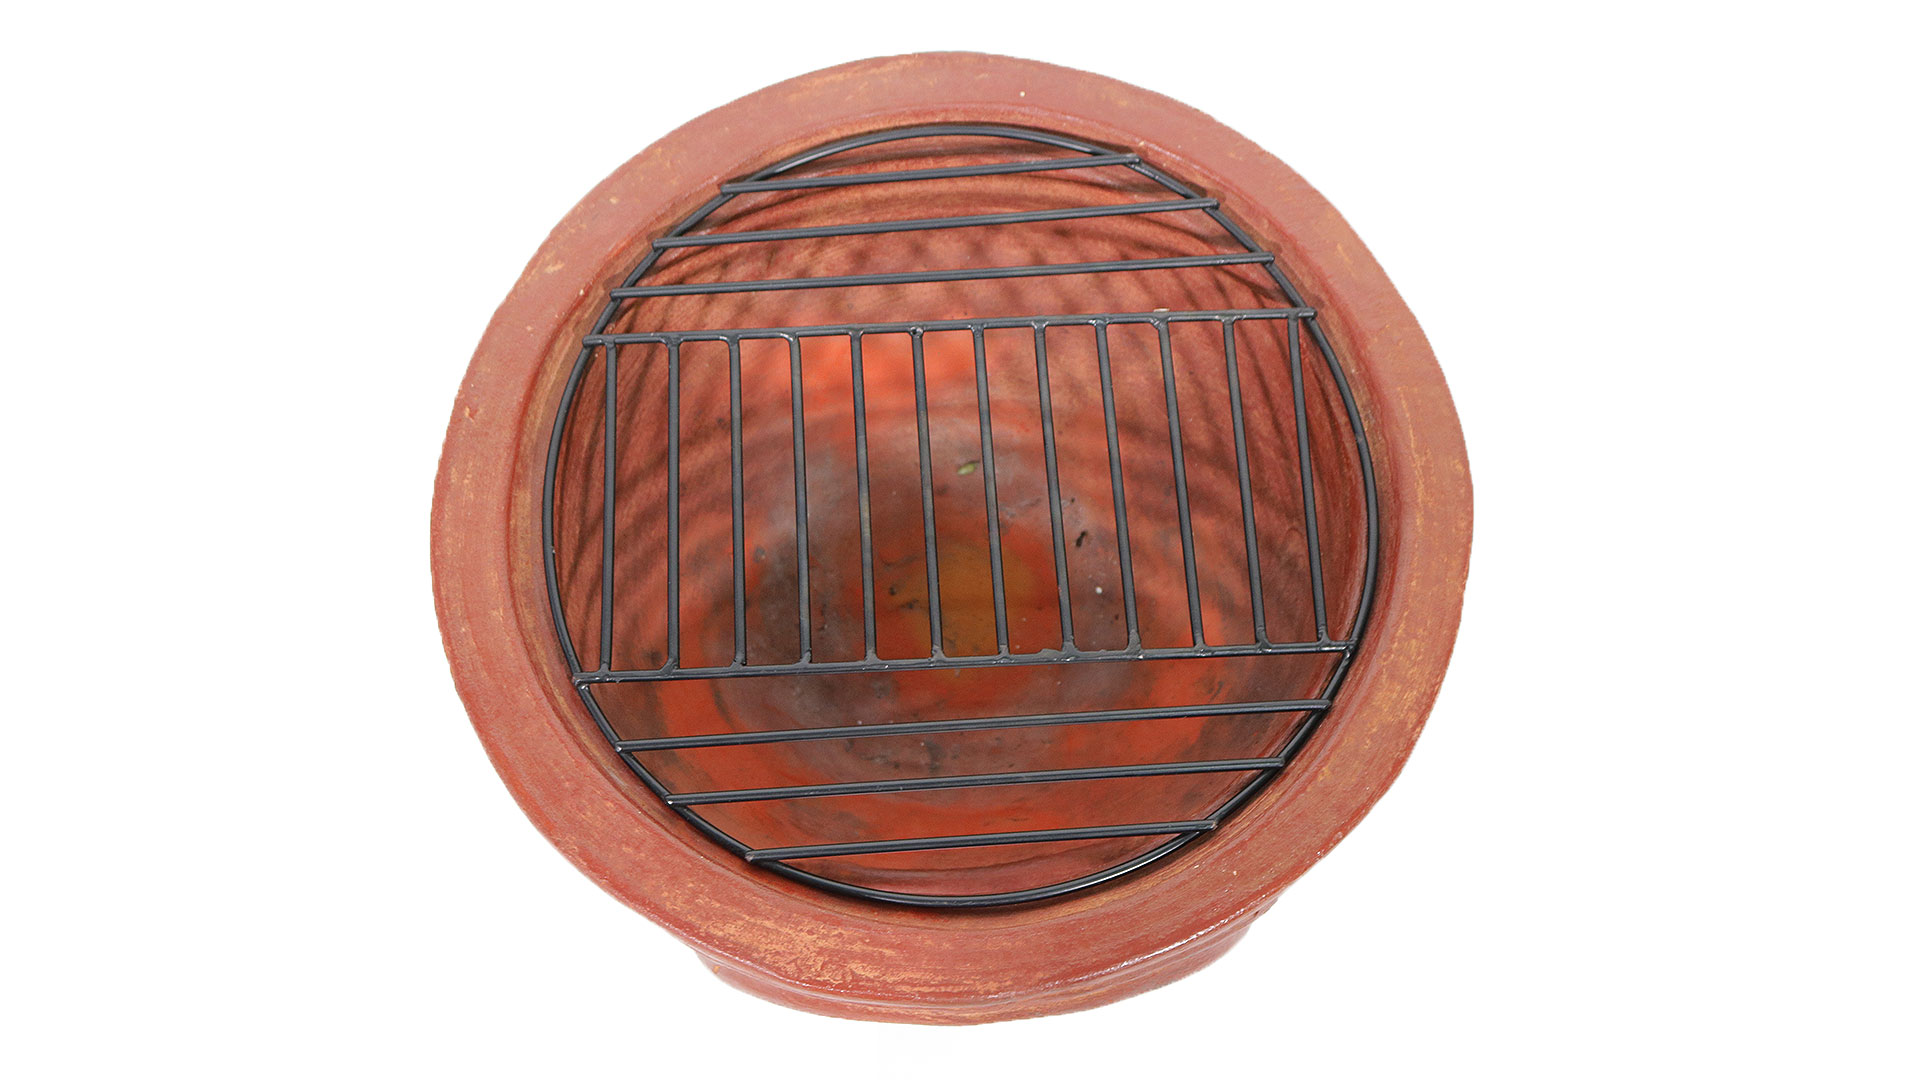 メキシコ製テーブル型チムニーの網の大きさの画像